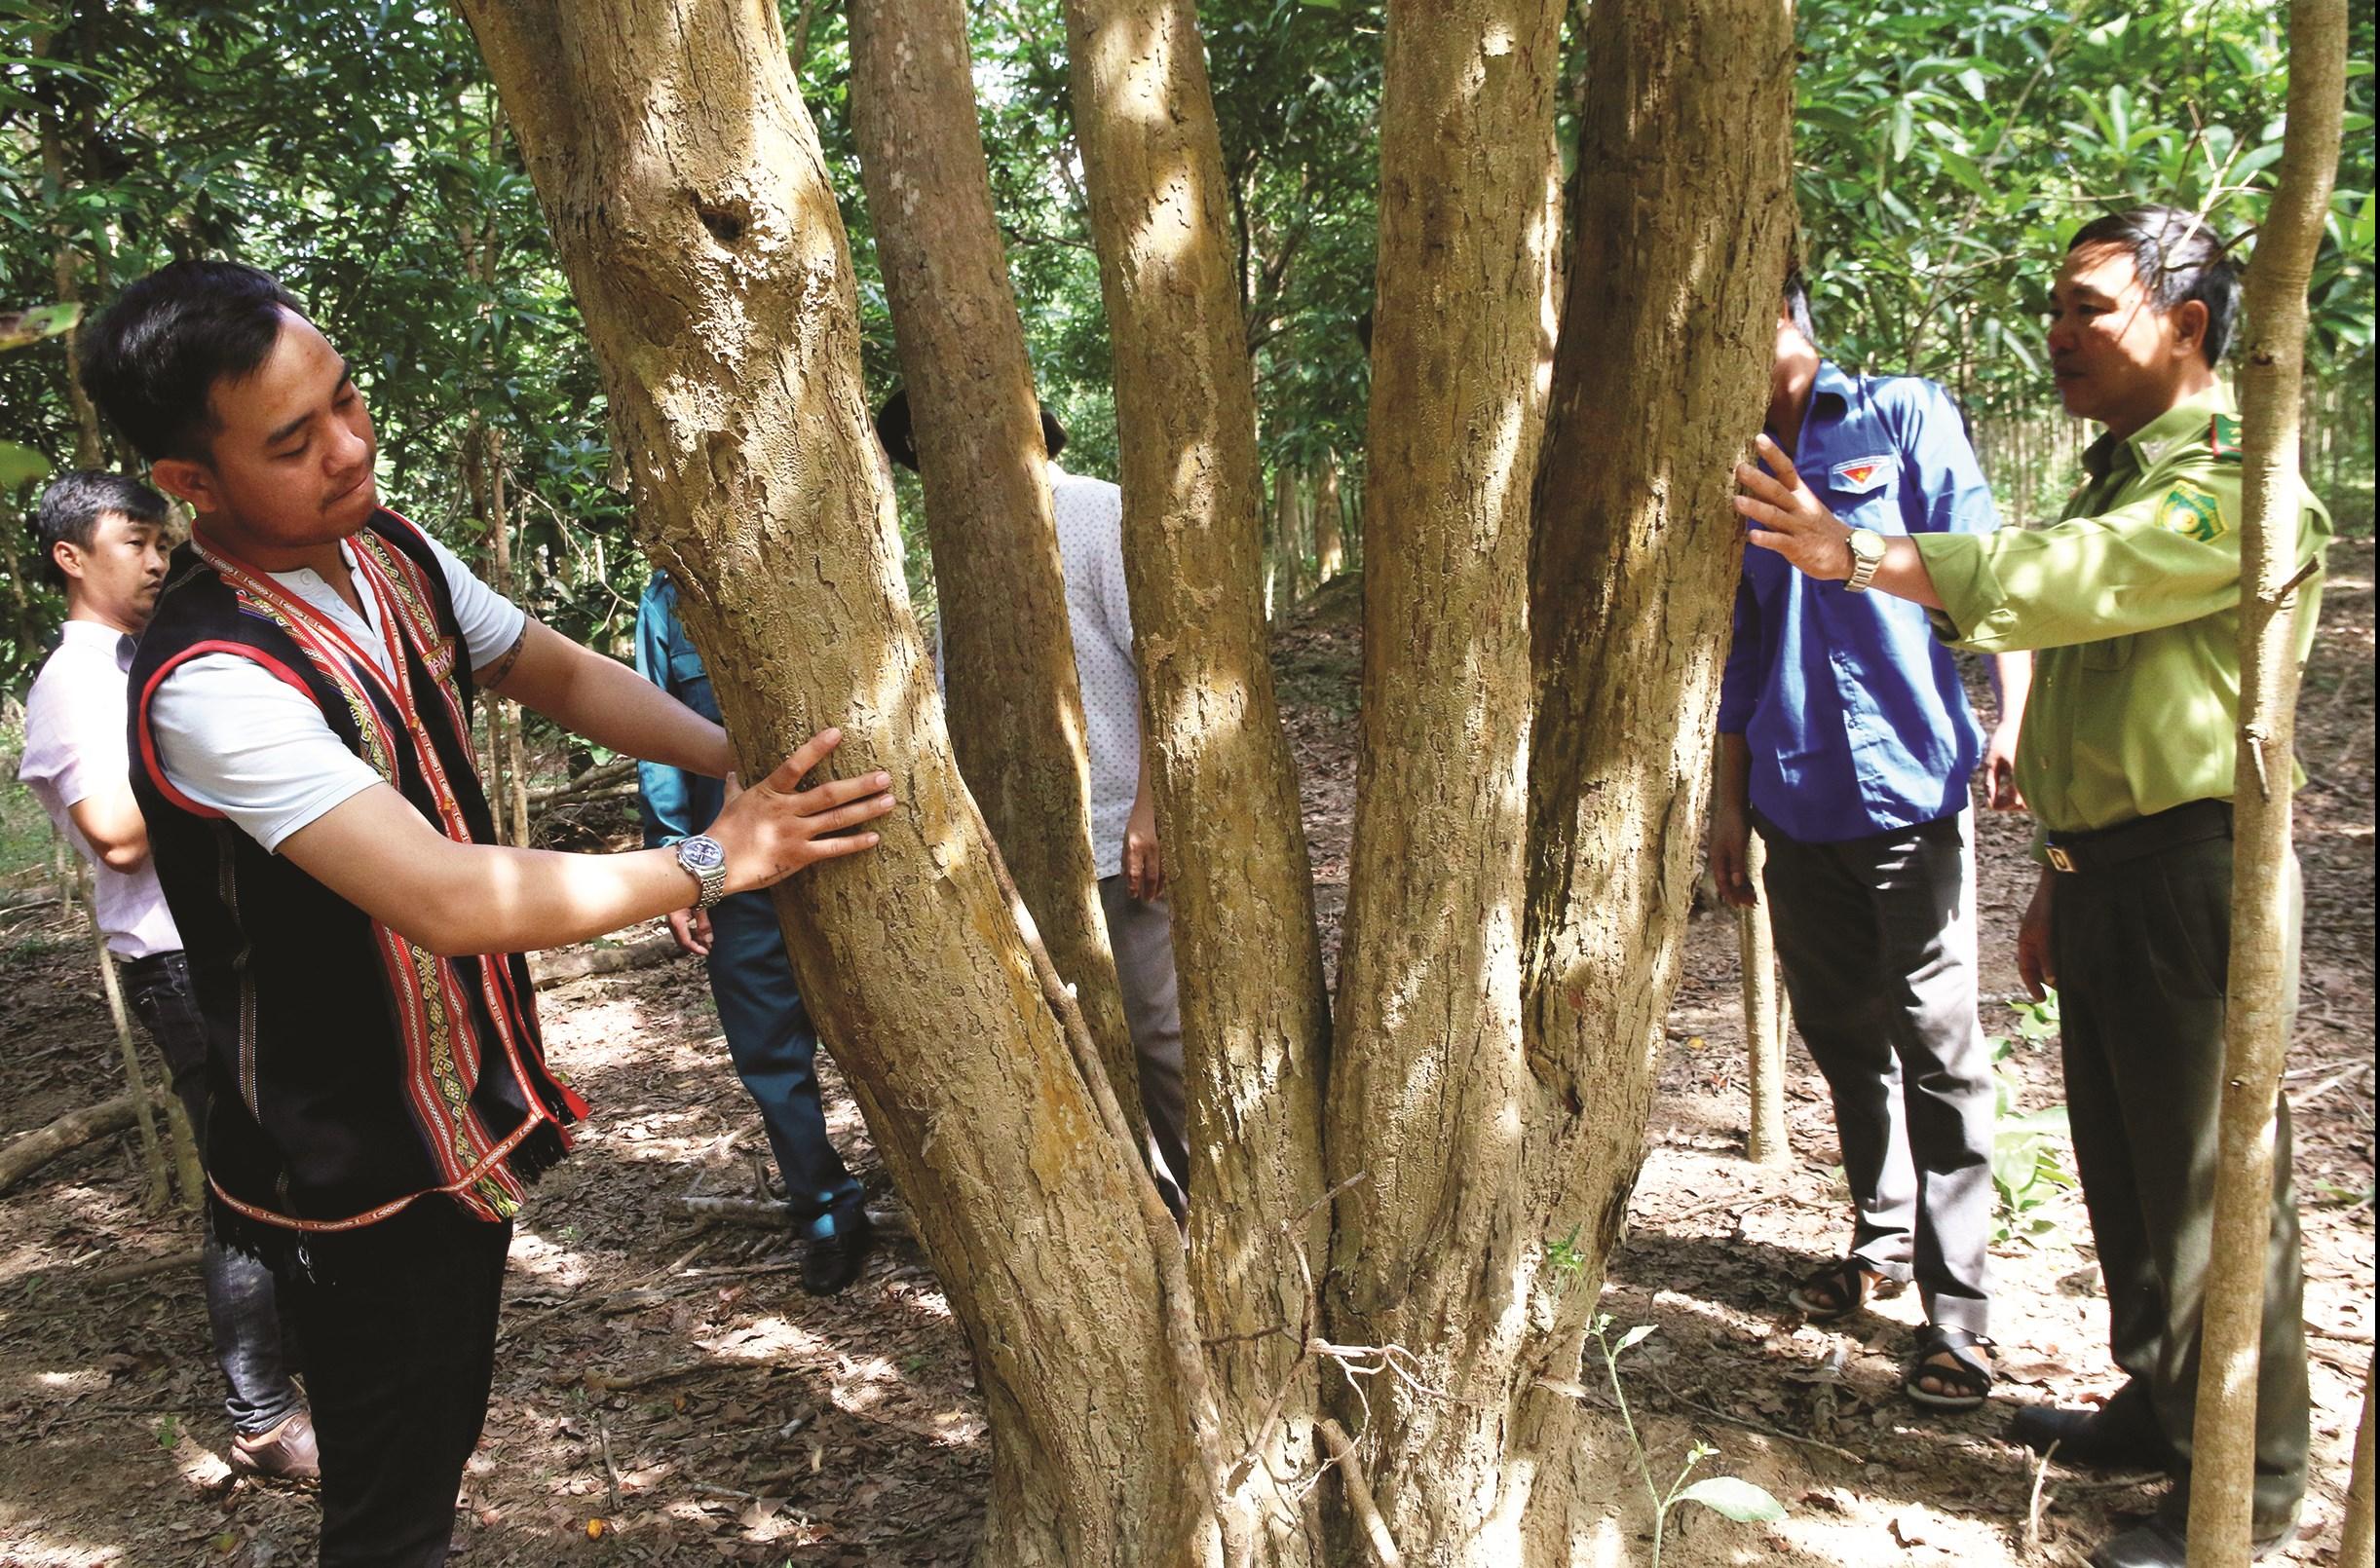 Những cây gỗ trắc hàng chục năm tuổi đang sinh trưởng và phát triển trong rẫy nhà dân